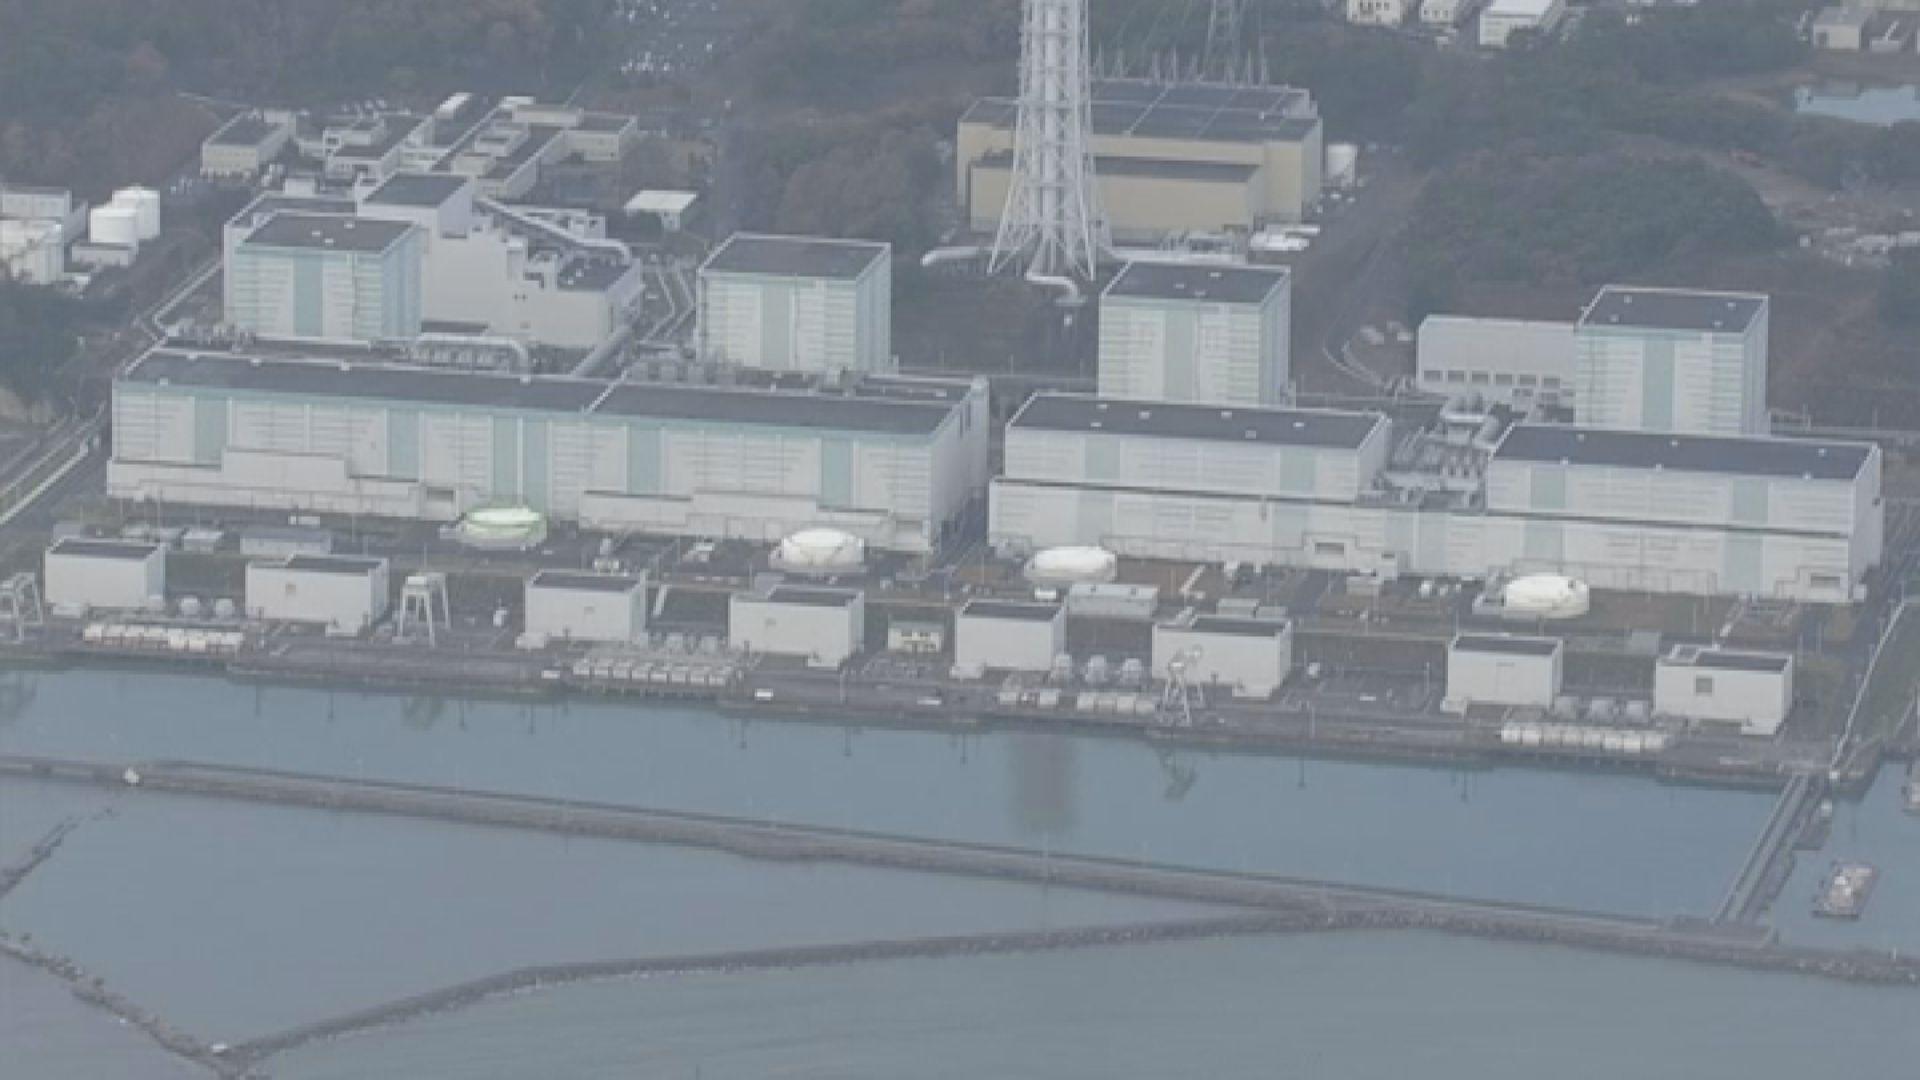 【環球薈報】廢棄日本部分核設施需耗逾萬億日圓